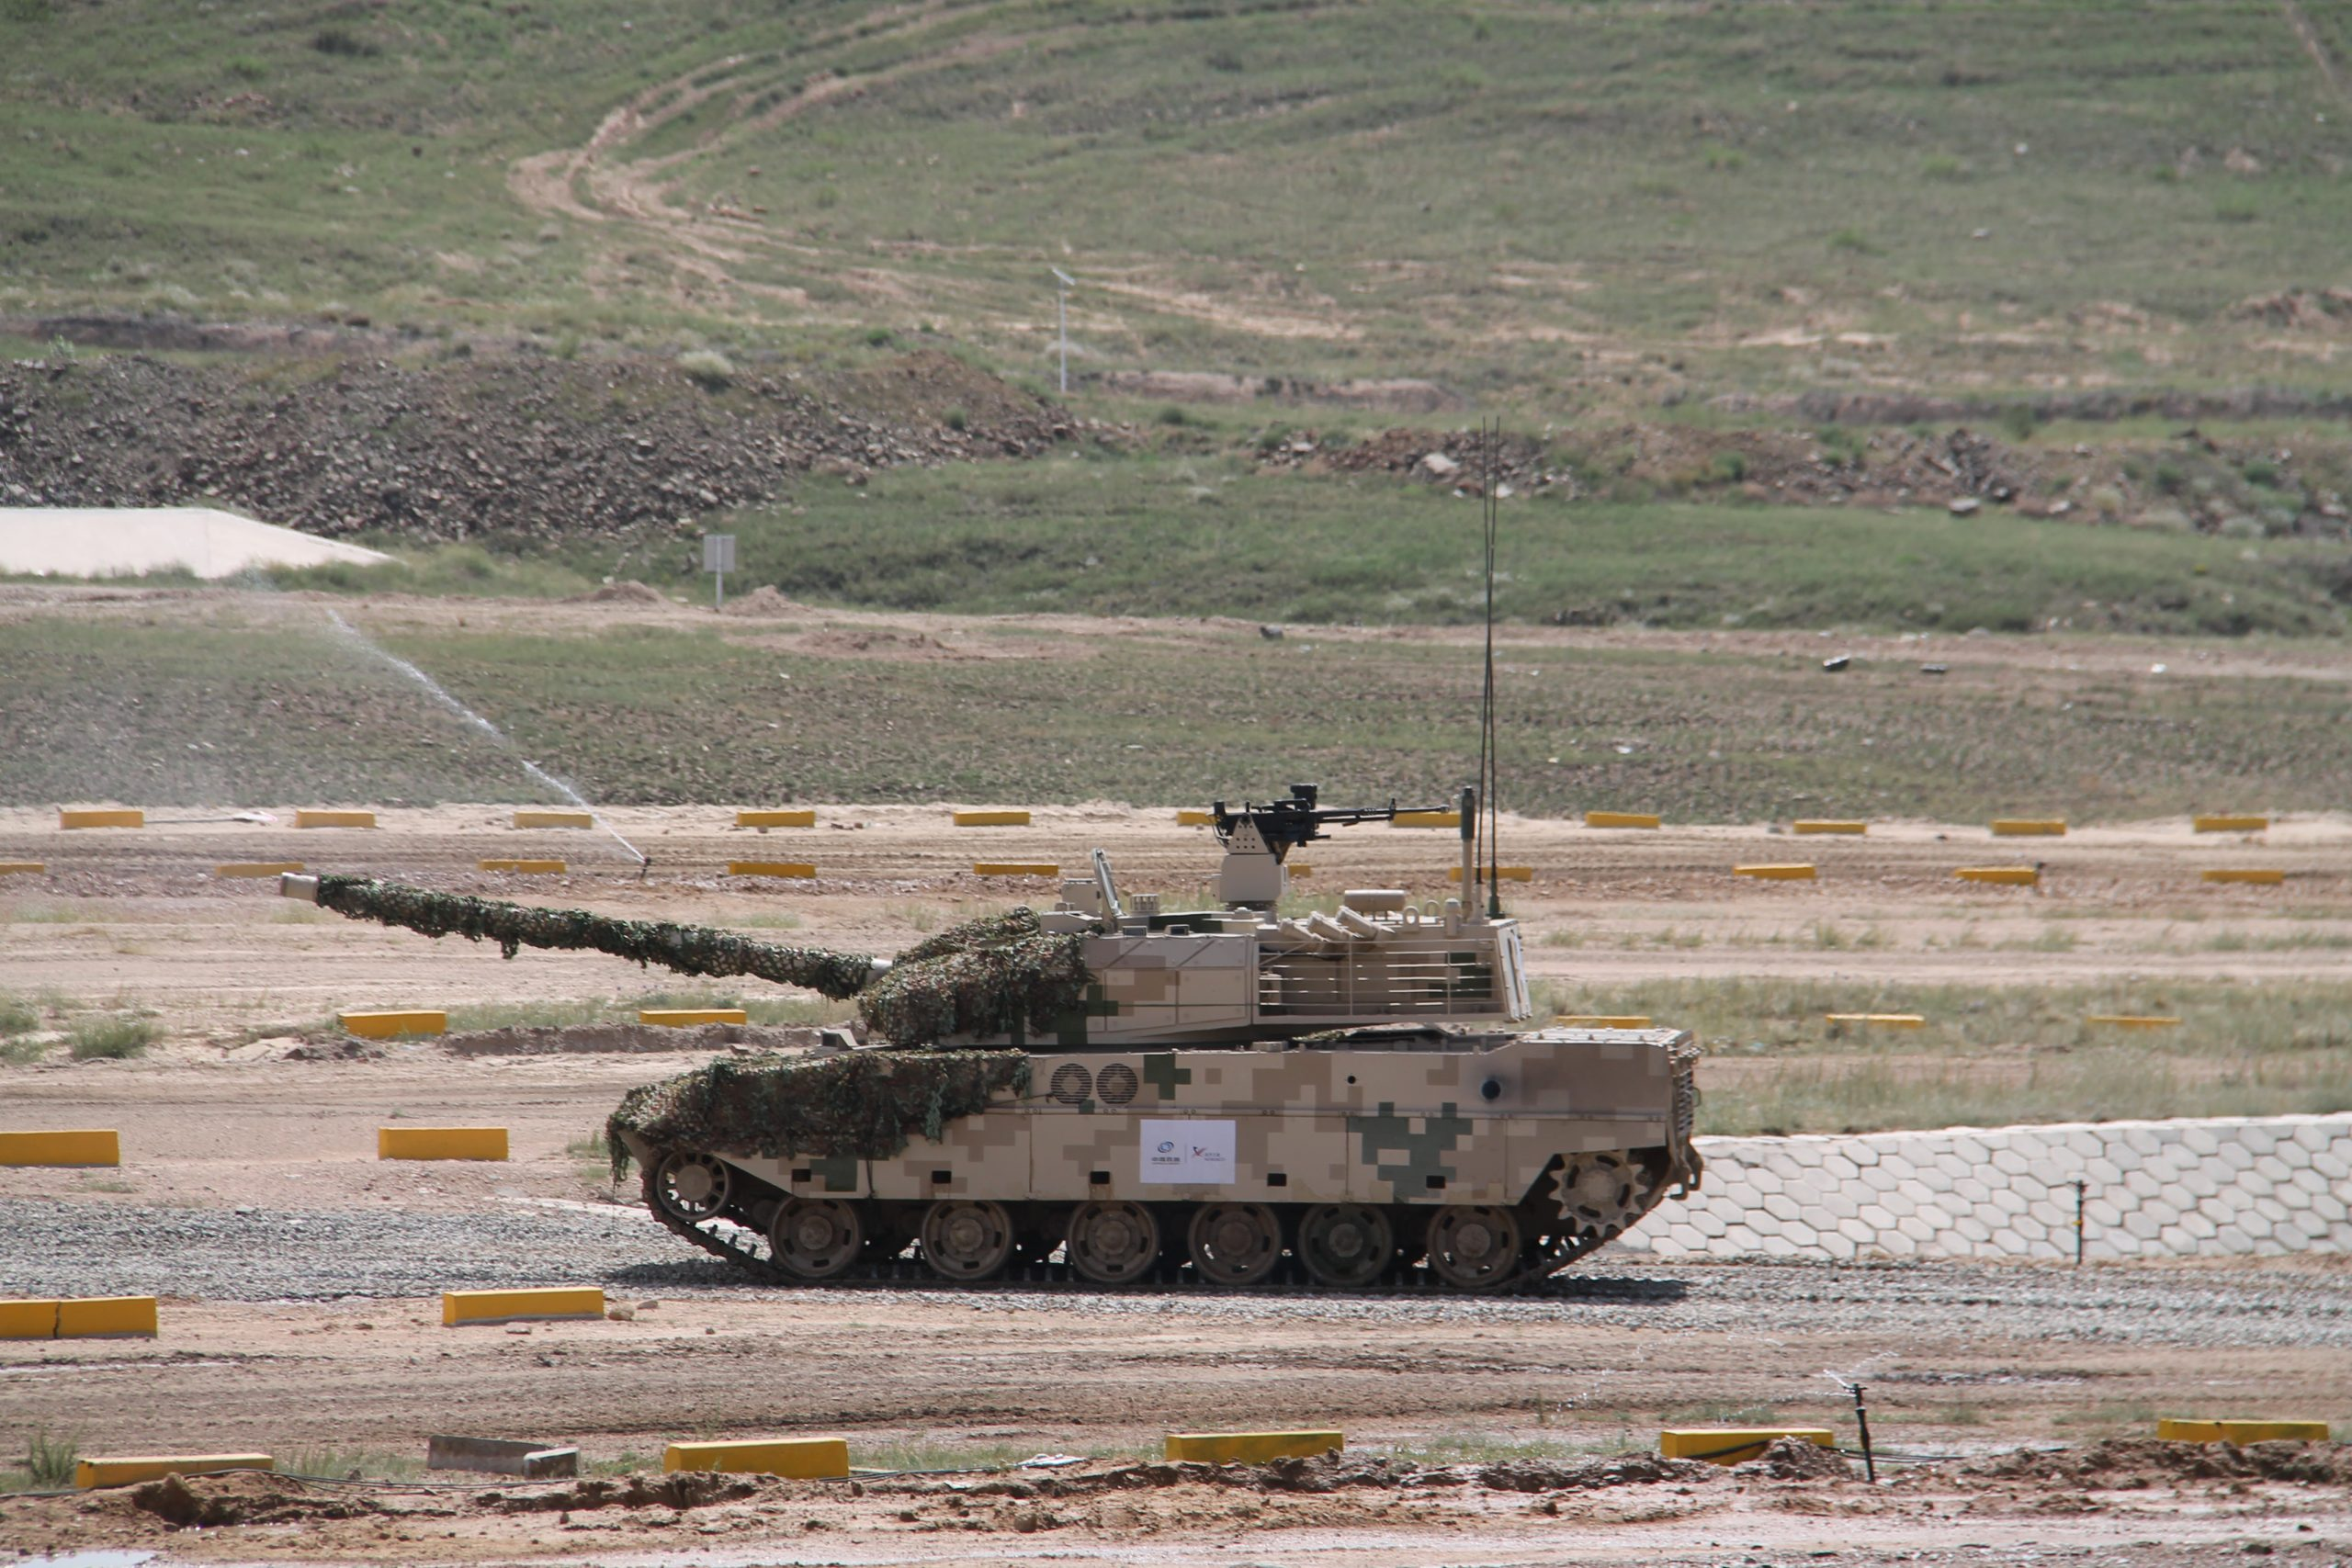 Norinco VT5 Lightweight MBT